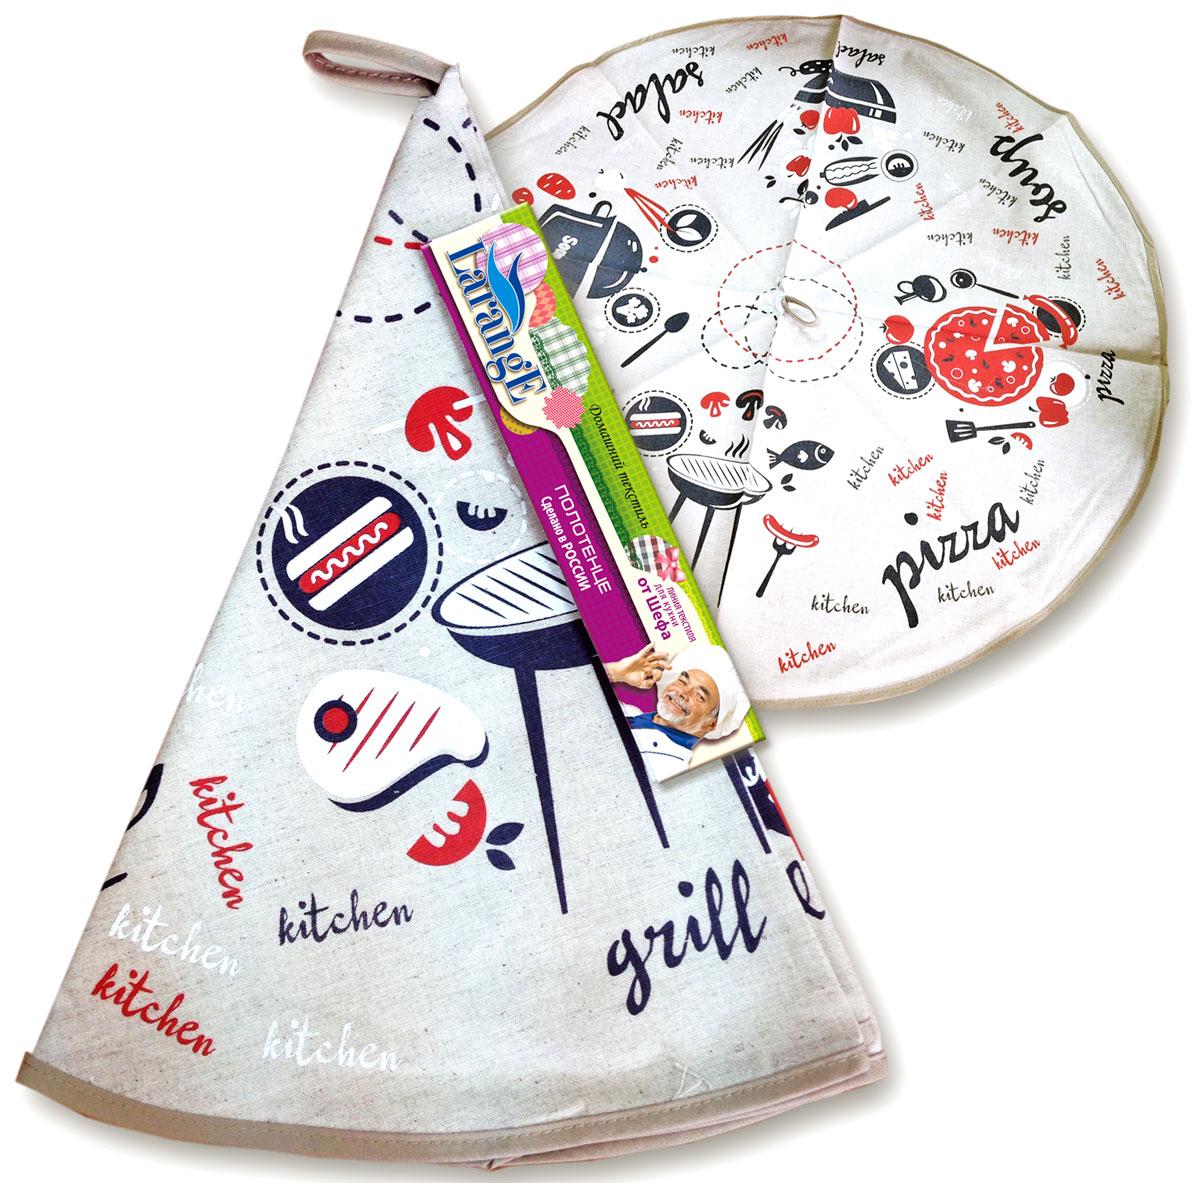 Полотенце От Шефа, круглое, диаметр: 70 см, полулен, шелкографияVT-1520(SR)Кухонный текстиль всегда выполняет двойную миссию — декоративную и практичную. Фартуки, полотенца, практичные комплекты из нескольких элементов с декором и прихватки -полезные и красивые кухонные аксессуары необходимые каждой хозяйке. Домашний текстиль из натурального льна — не просто следование модной тенденции к естественности. Лен — это действительно одно из самых ценных волокон растительного происхождения. Его уникальные свойства наделяют ткани ценными качествами. Льняная ткань — самая прочная и экологичная. Она практически не выгорает на прямом солнце, легко стирается и, при этом, не садится и не деформируется.